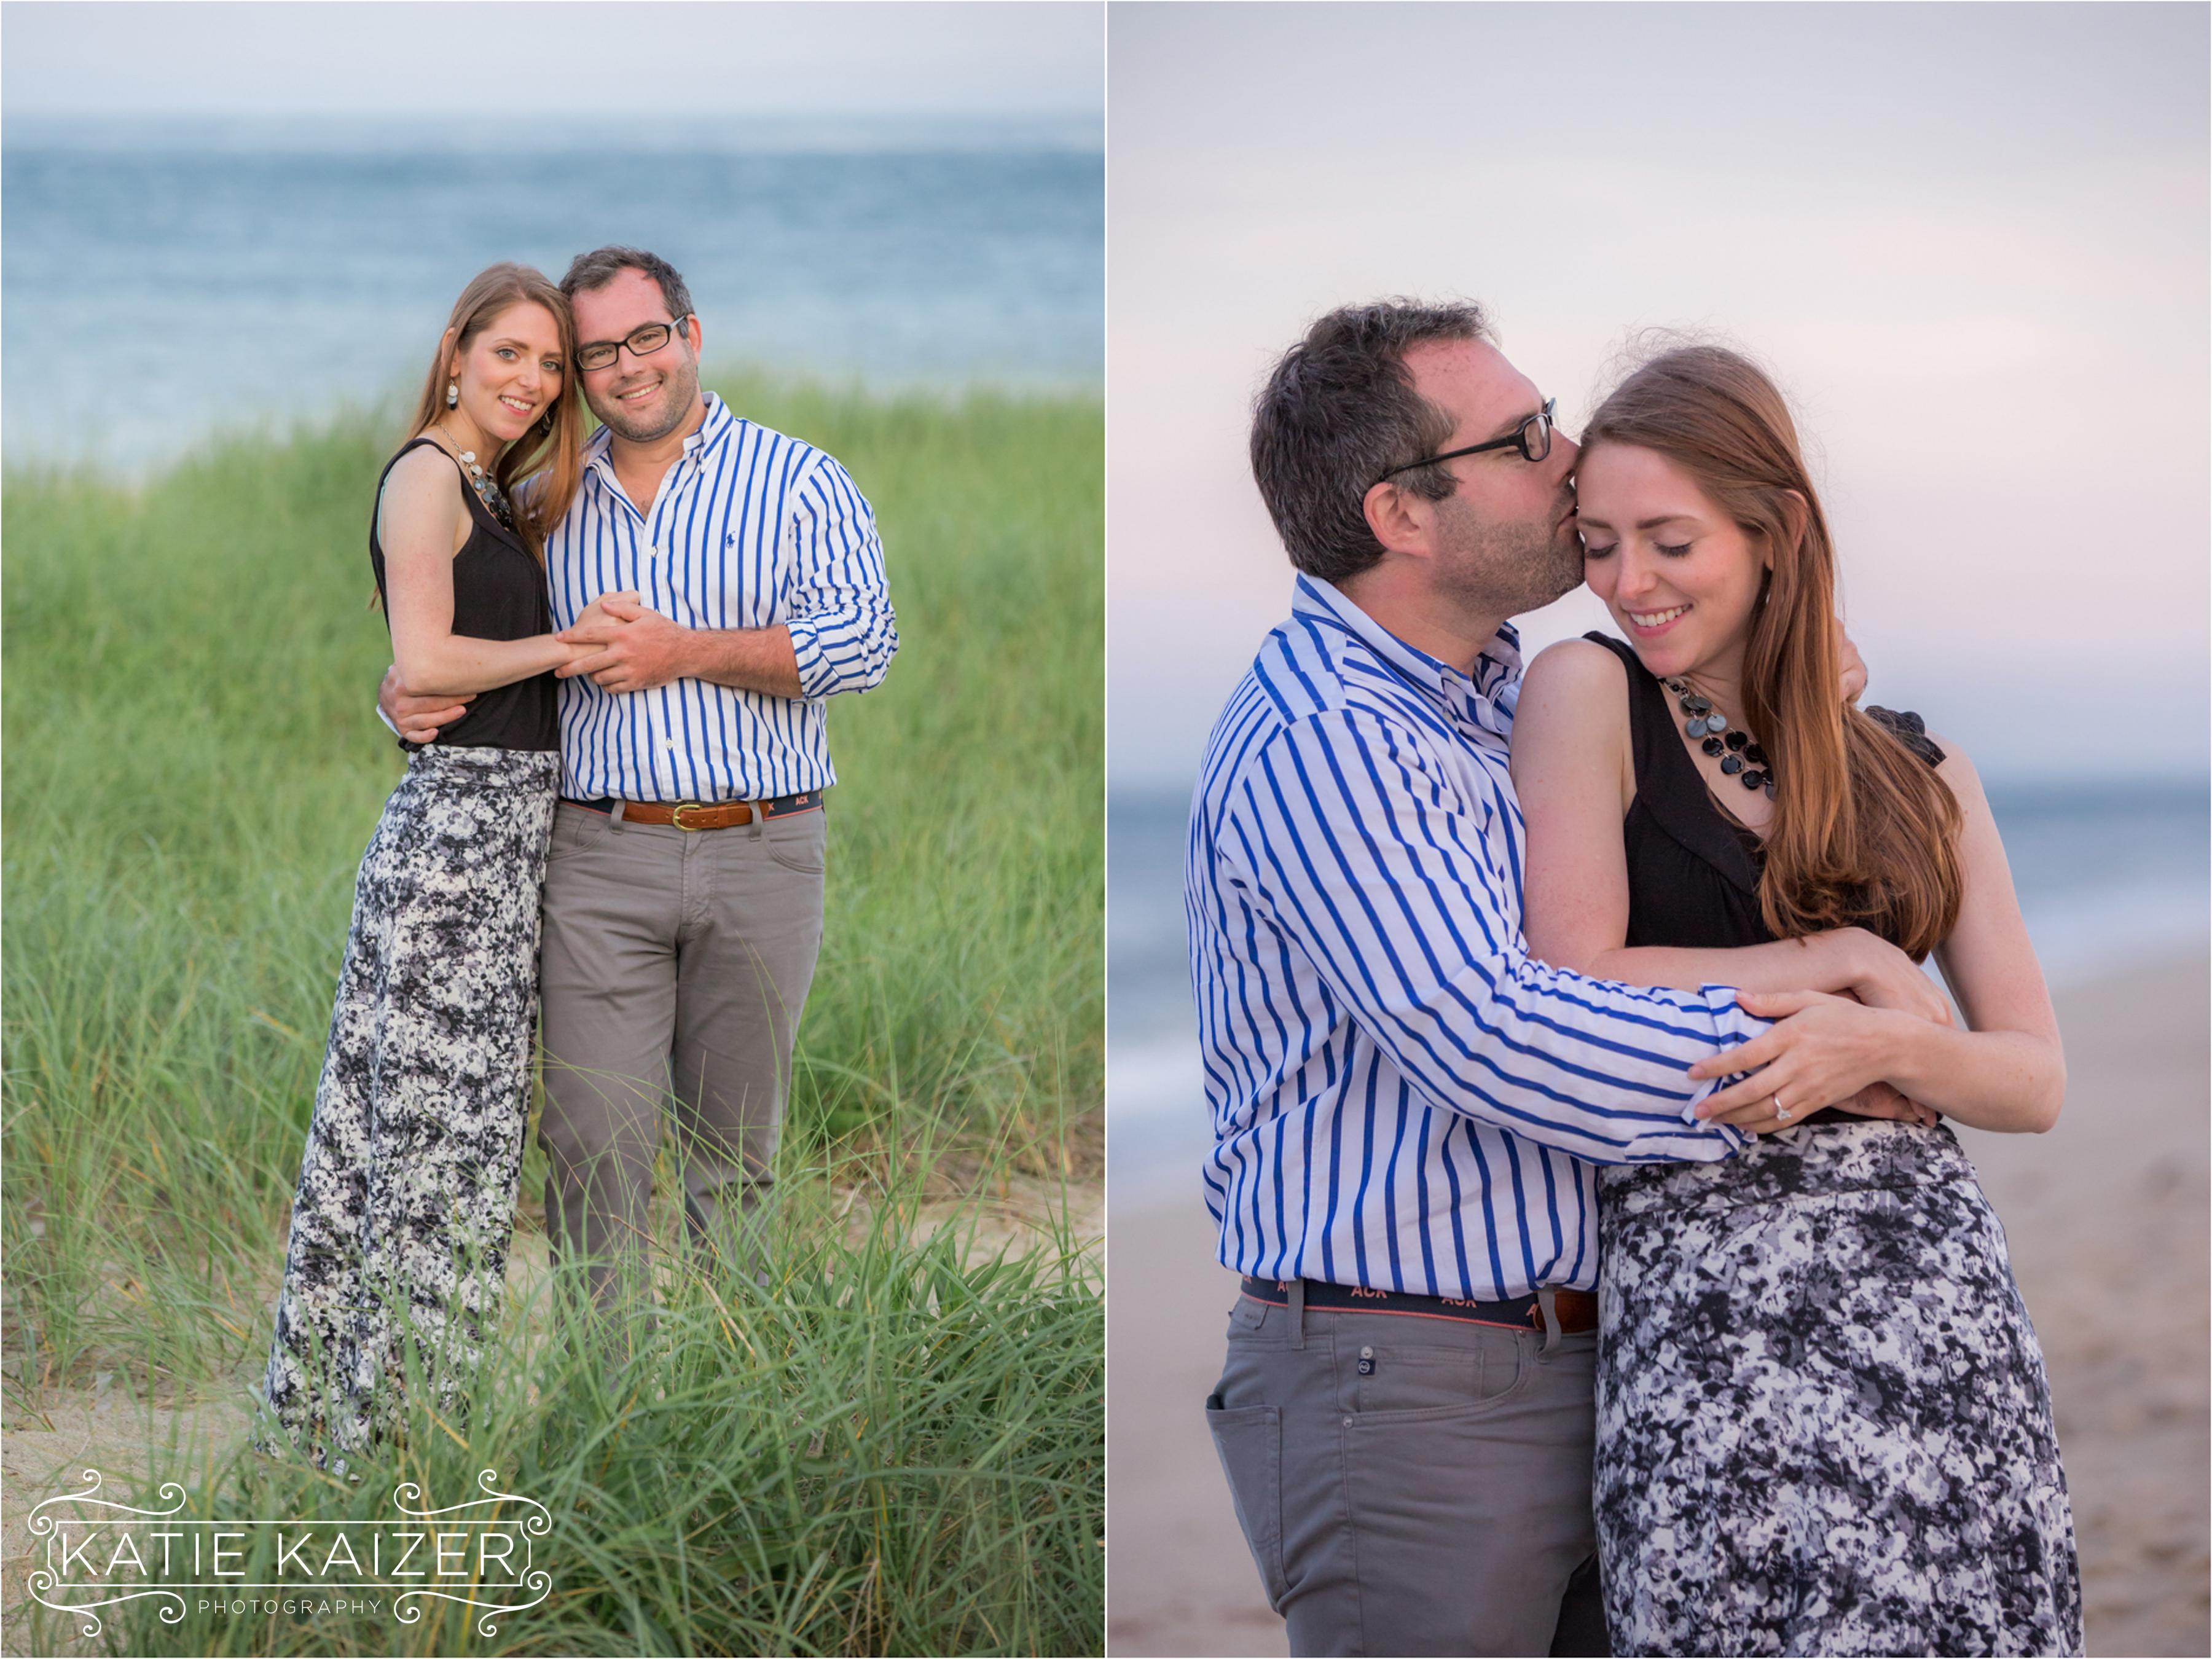 Proposal_014_KatieKaizerPhotography